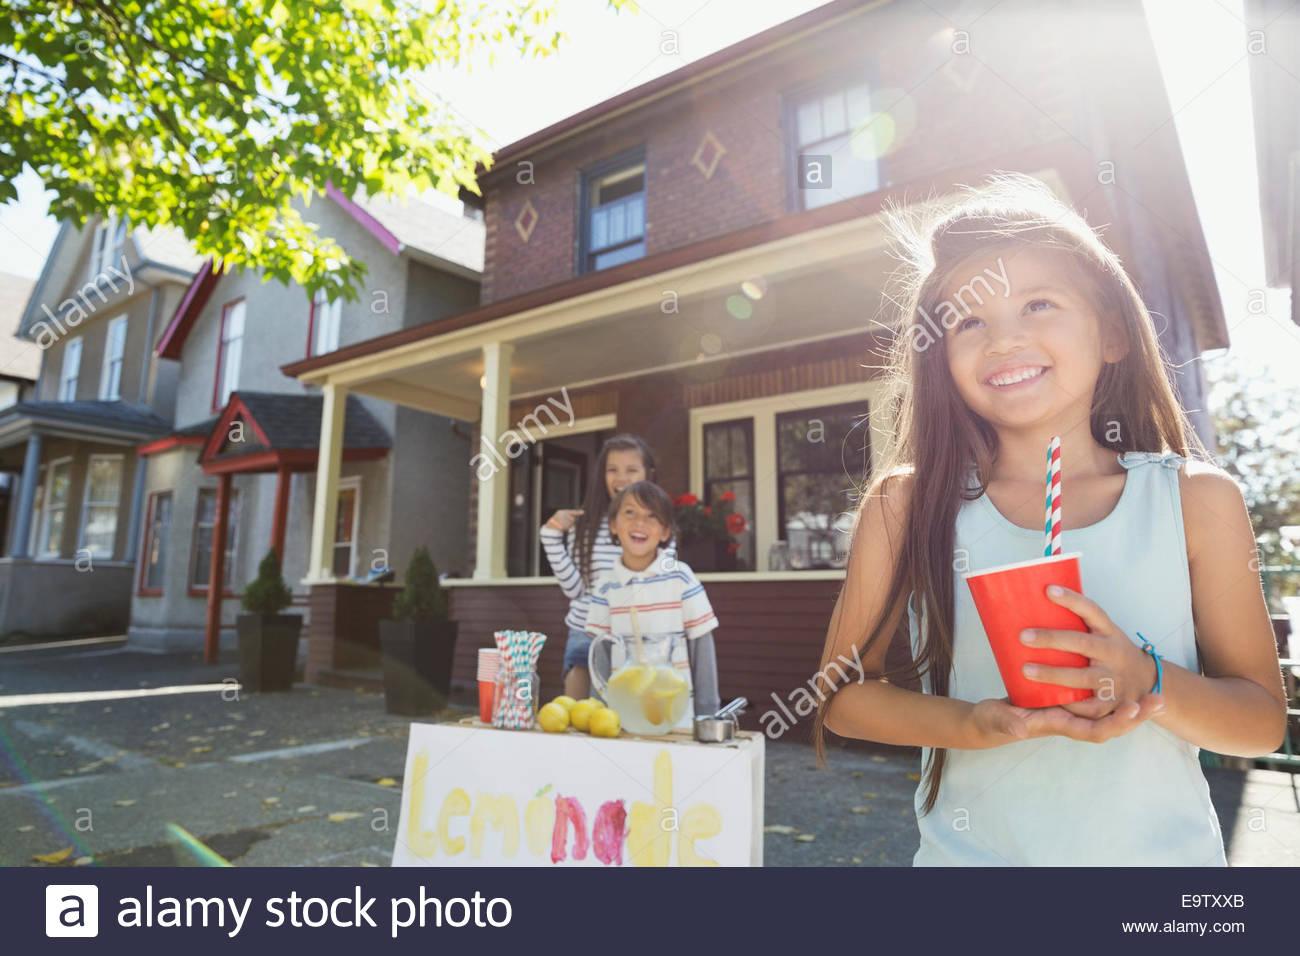 Chica sonriente con la copa en Lemonade Stand Imagen De Stock